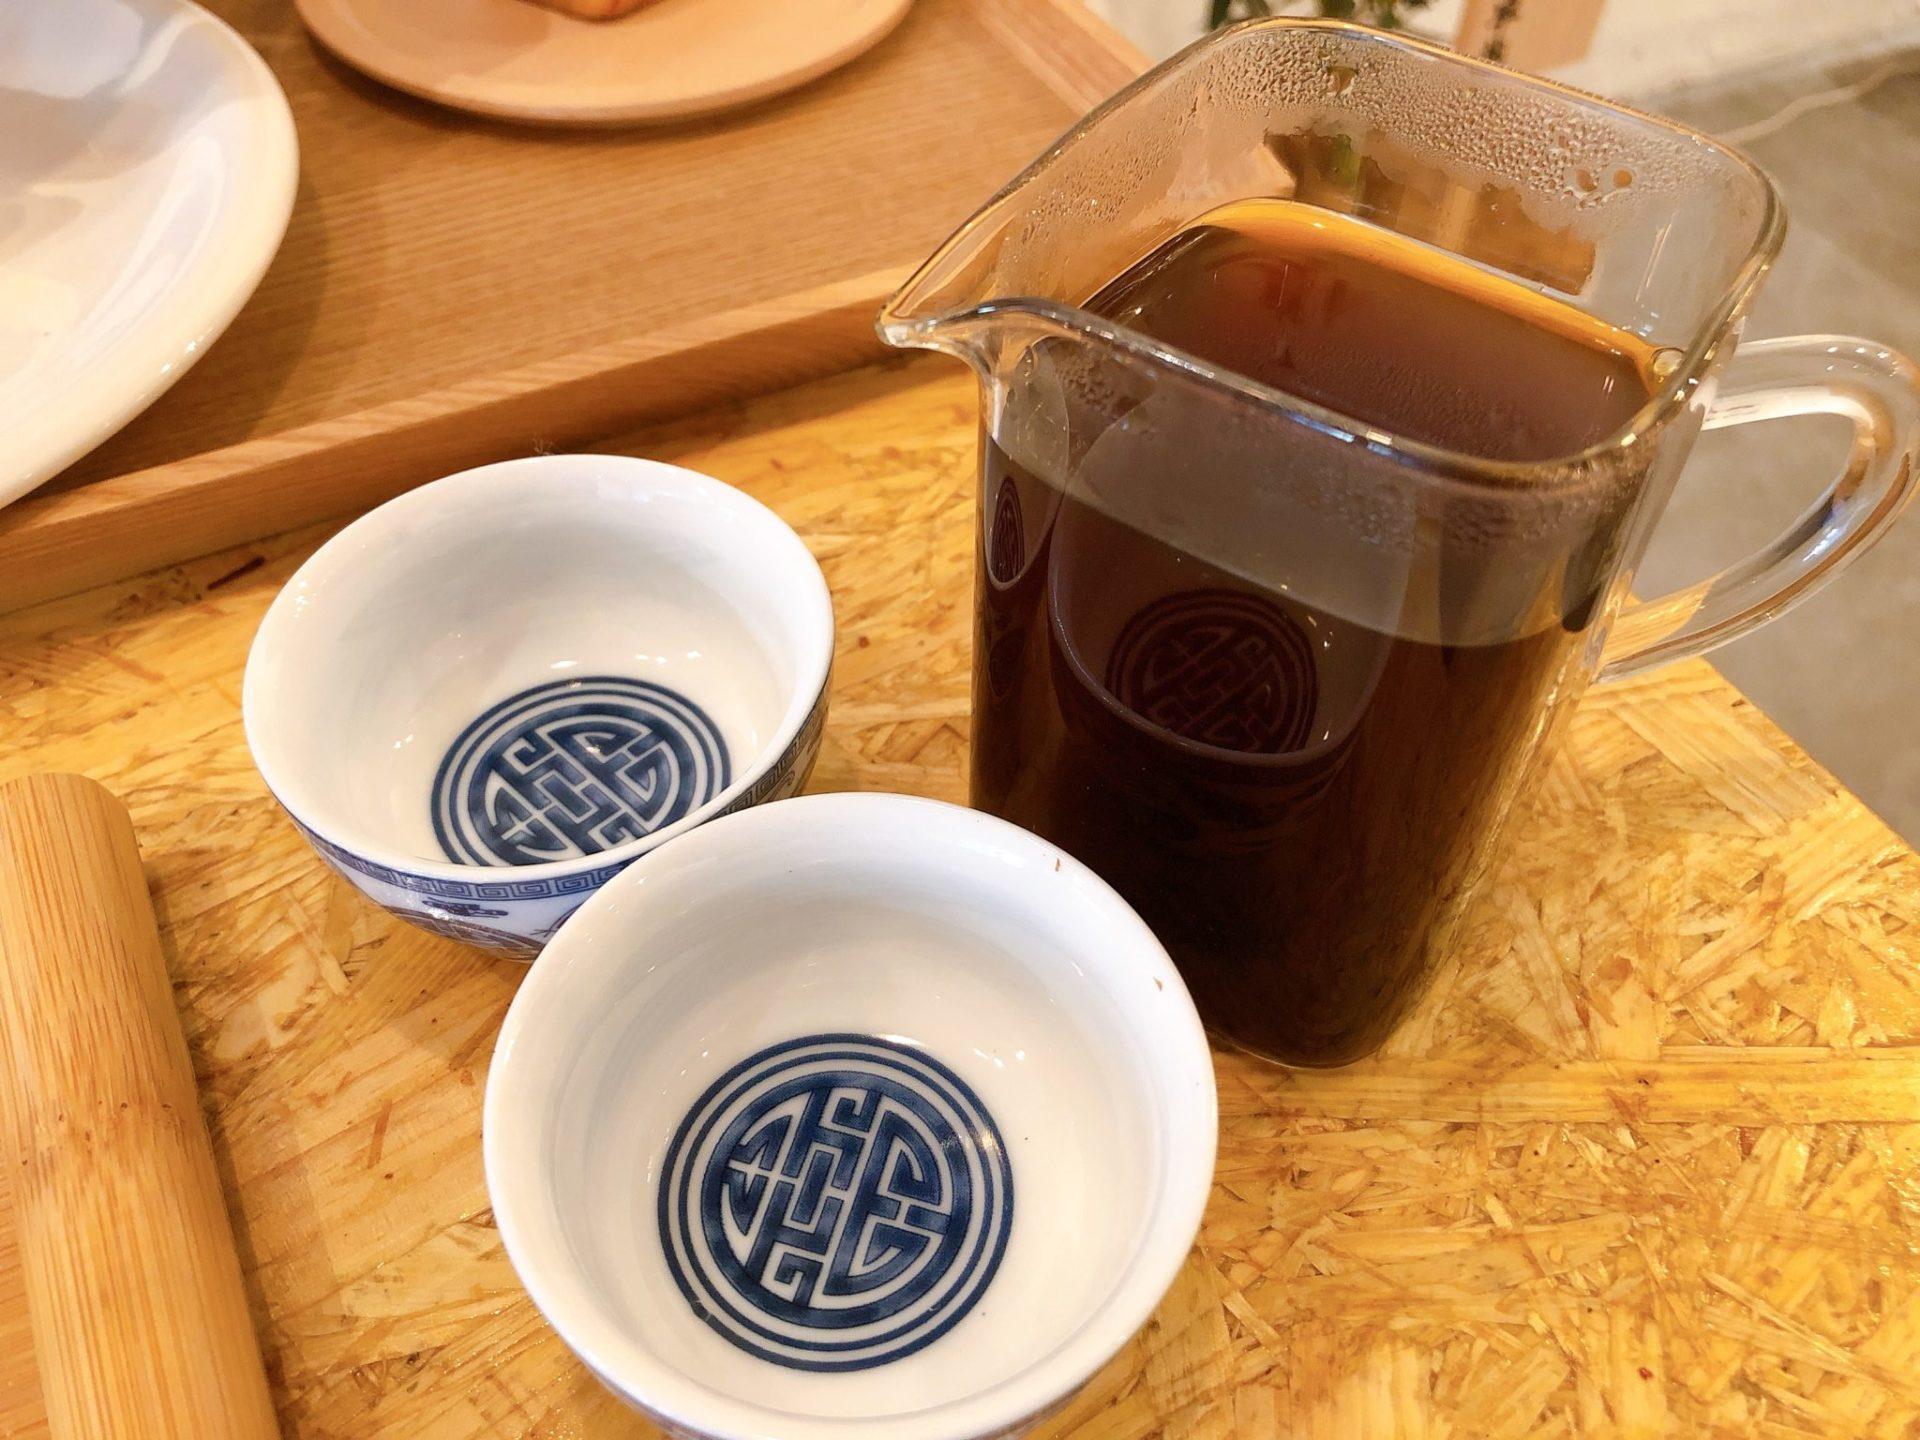 MEILI(メイリー)下高井戸の台湾コーヒー